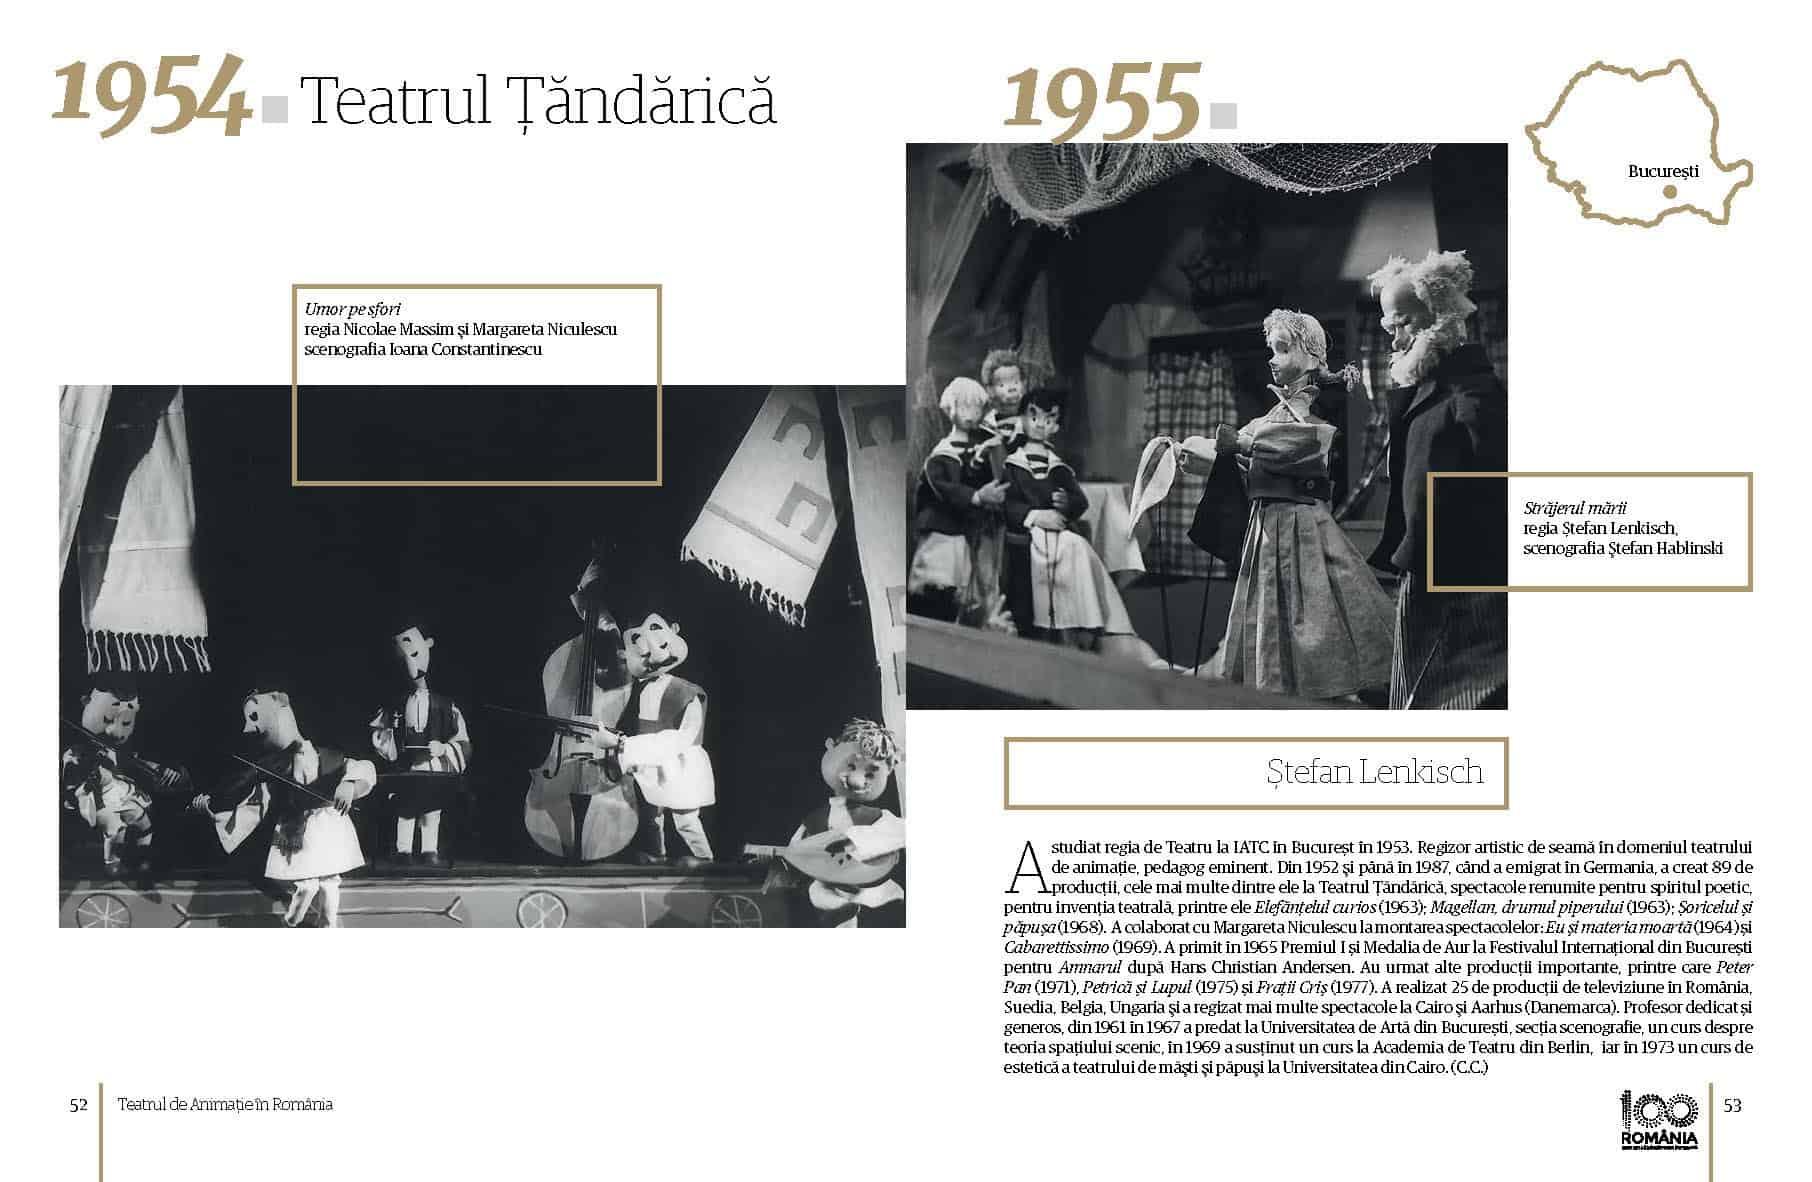 Album Teatrul de Animatie in Romania final preview fata in fata Page 27